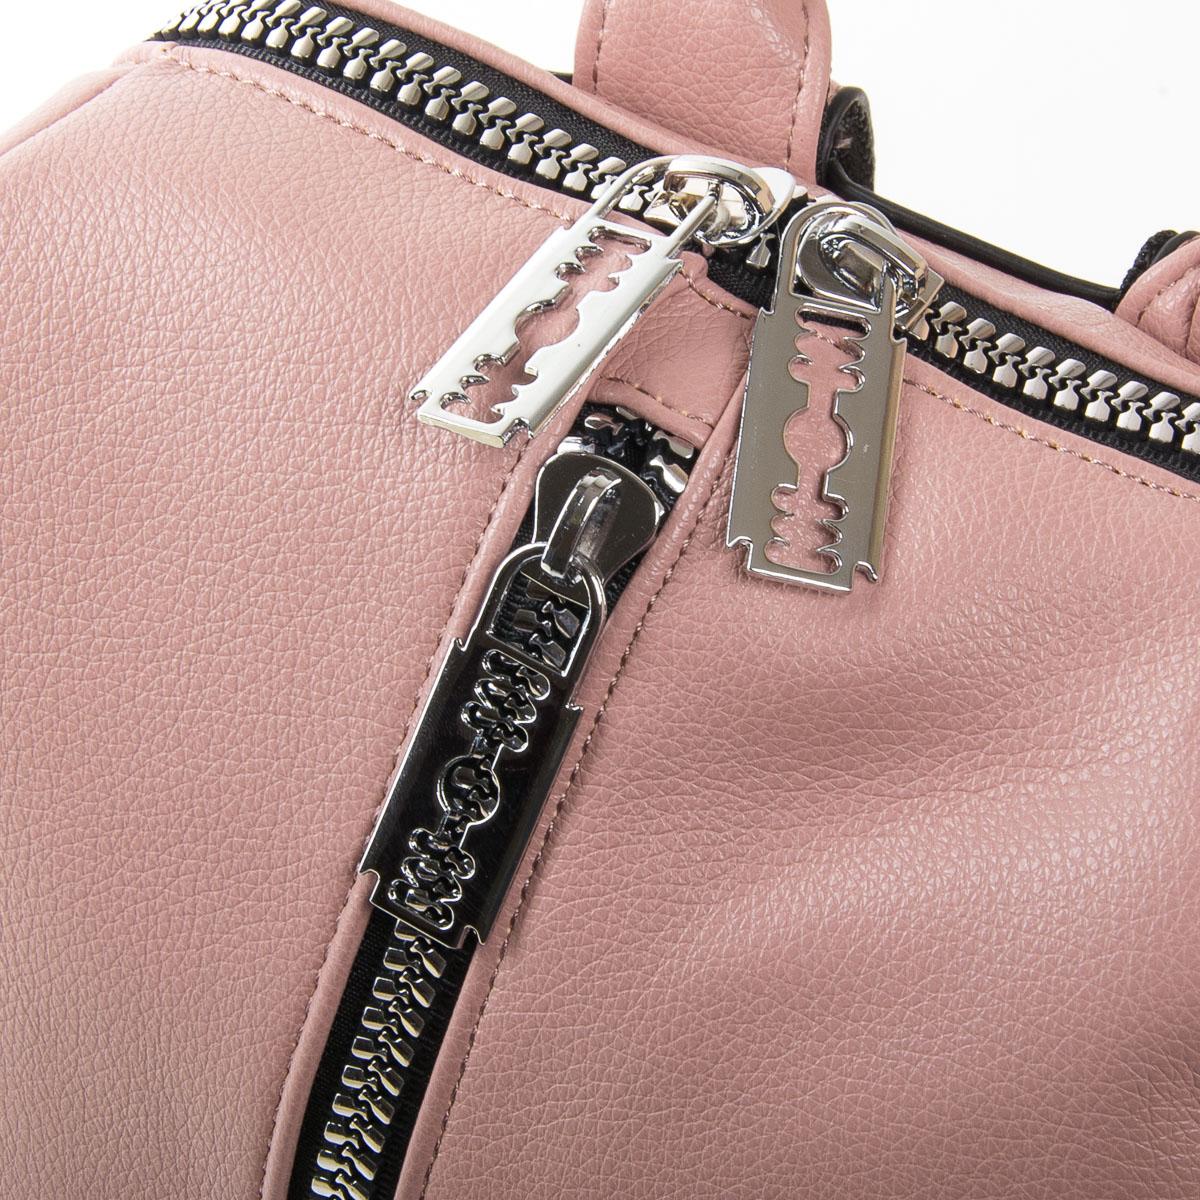 Сумка Женская Рюкзак иск-кожа FASHION 01-02 6487 pink - фото 3